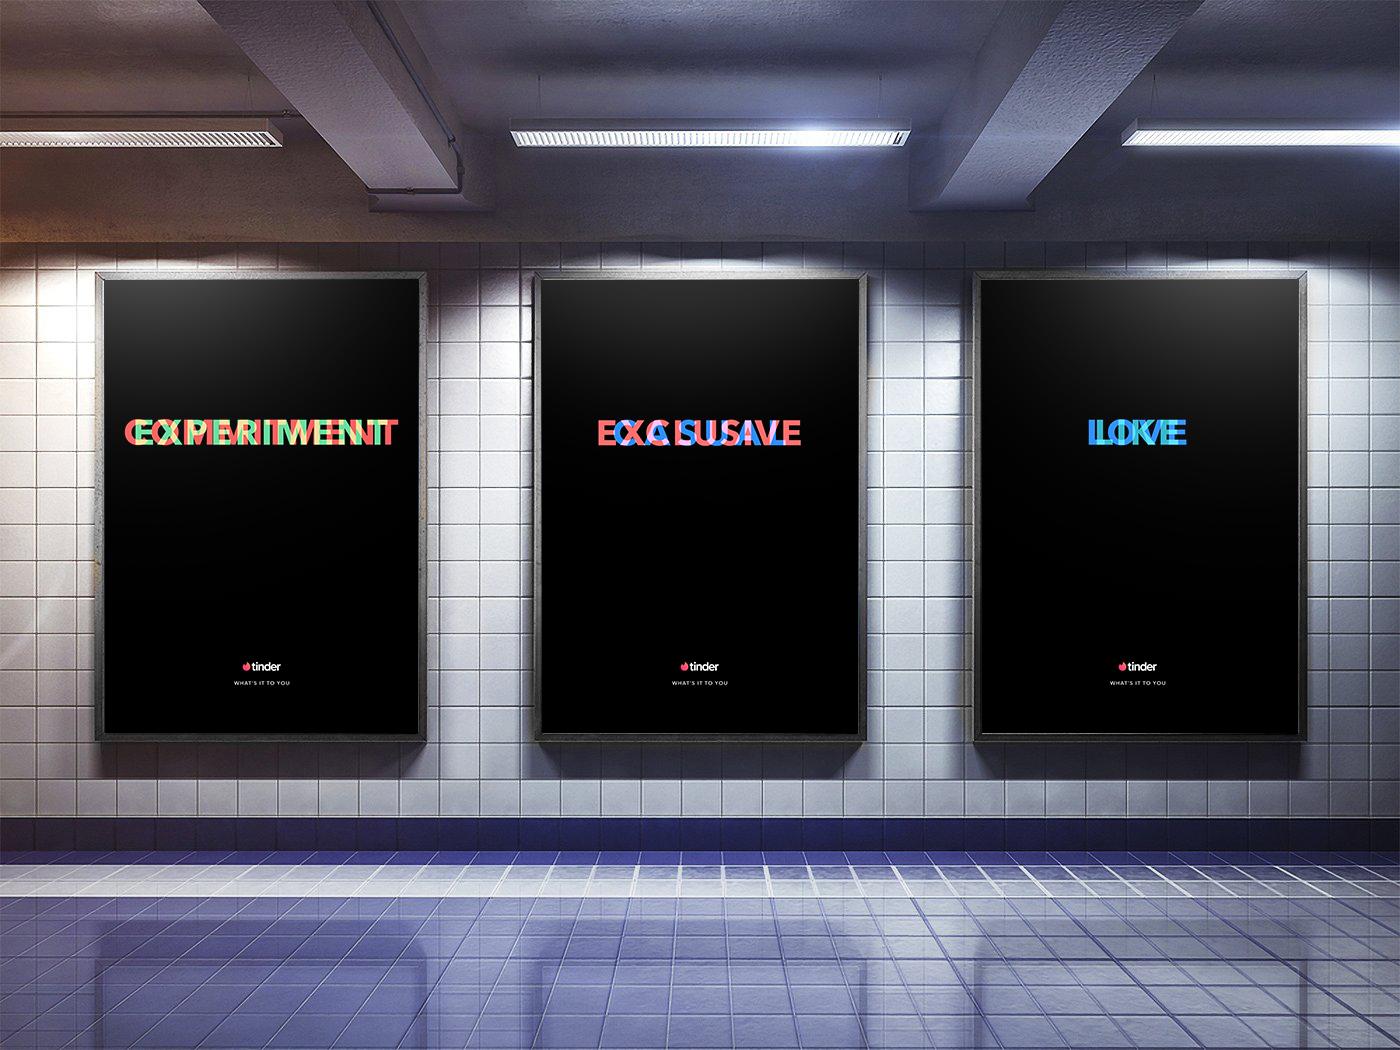 TextOverlay_SubwayPoster.jpg